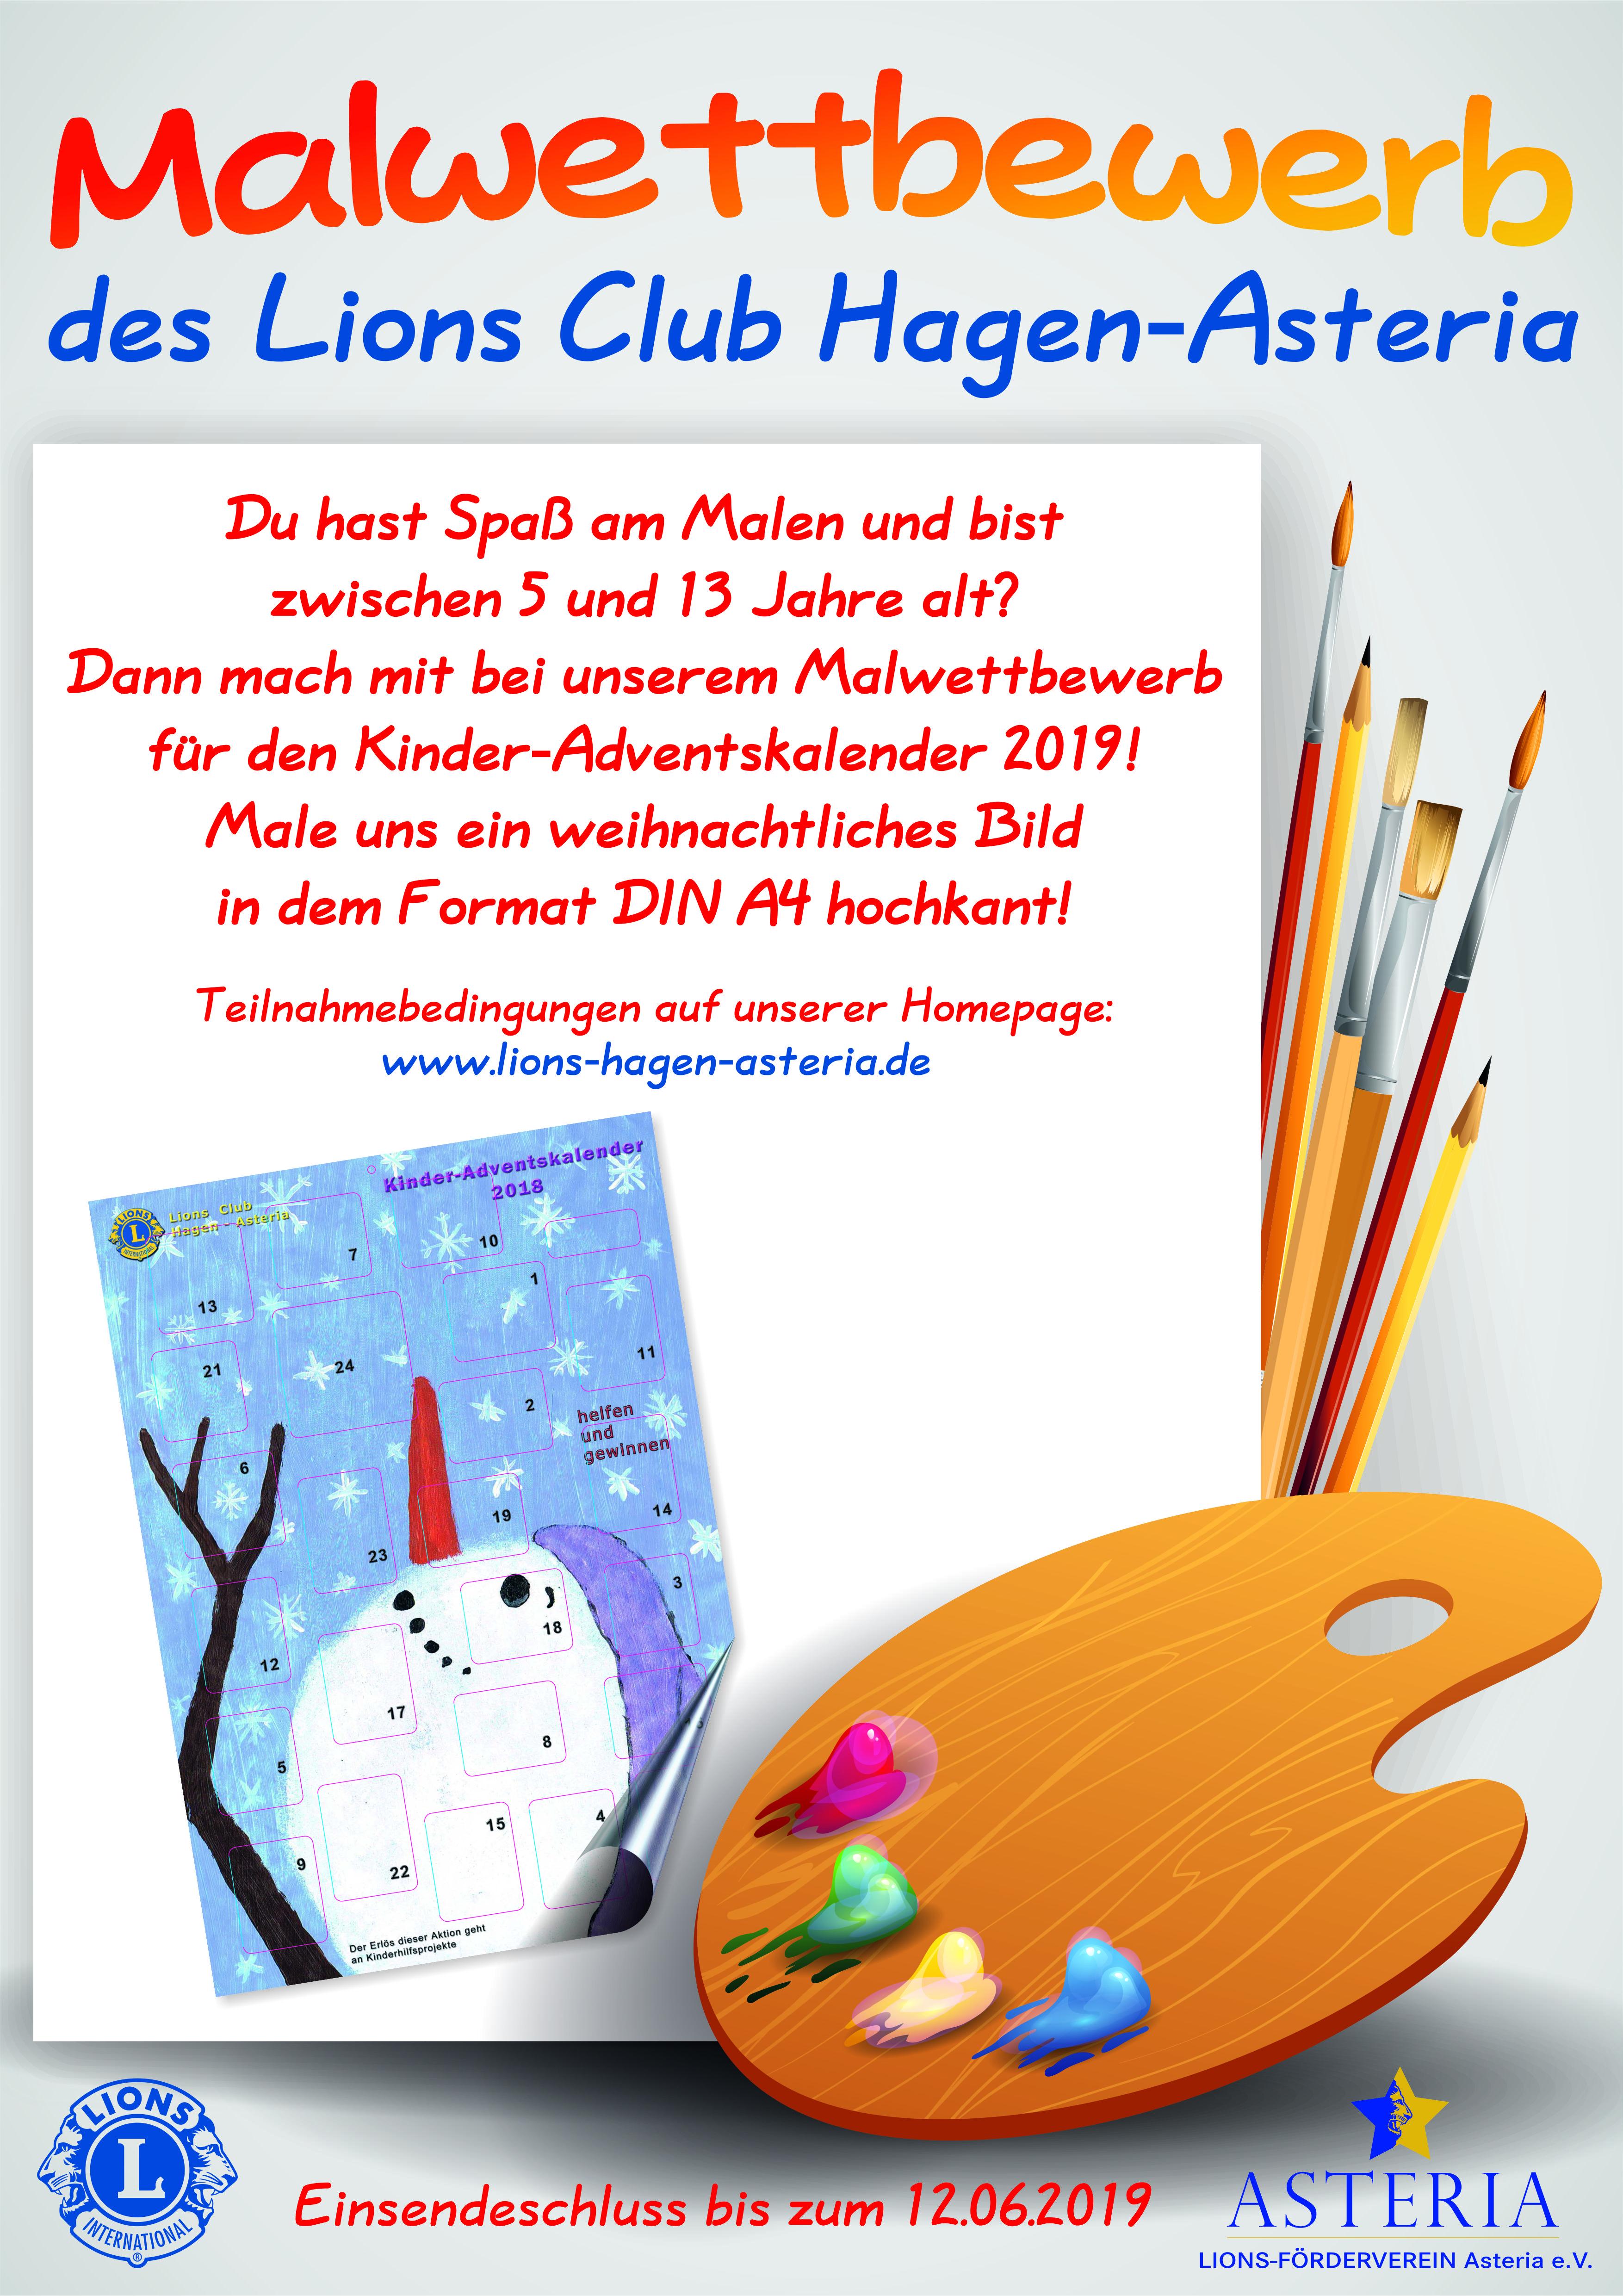 Weihnachtskalender 2019 Für Kinder.Malwettbewerb Für Den Kinder Adventskalender 2019 Lc Hagen Asteria